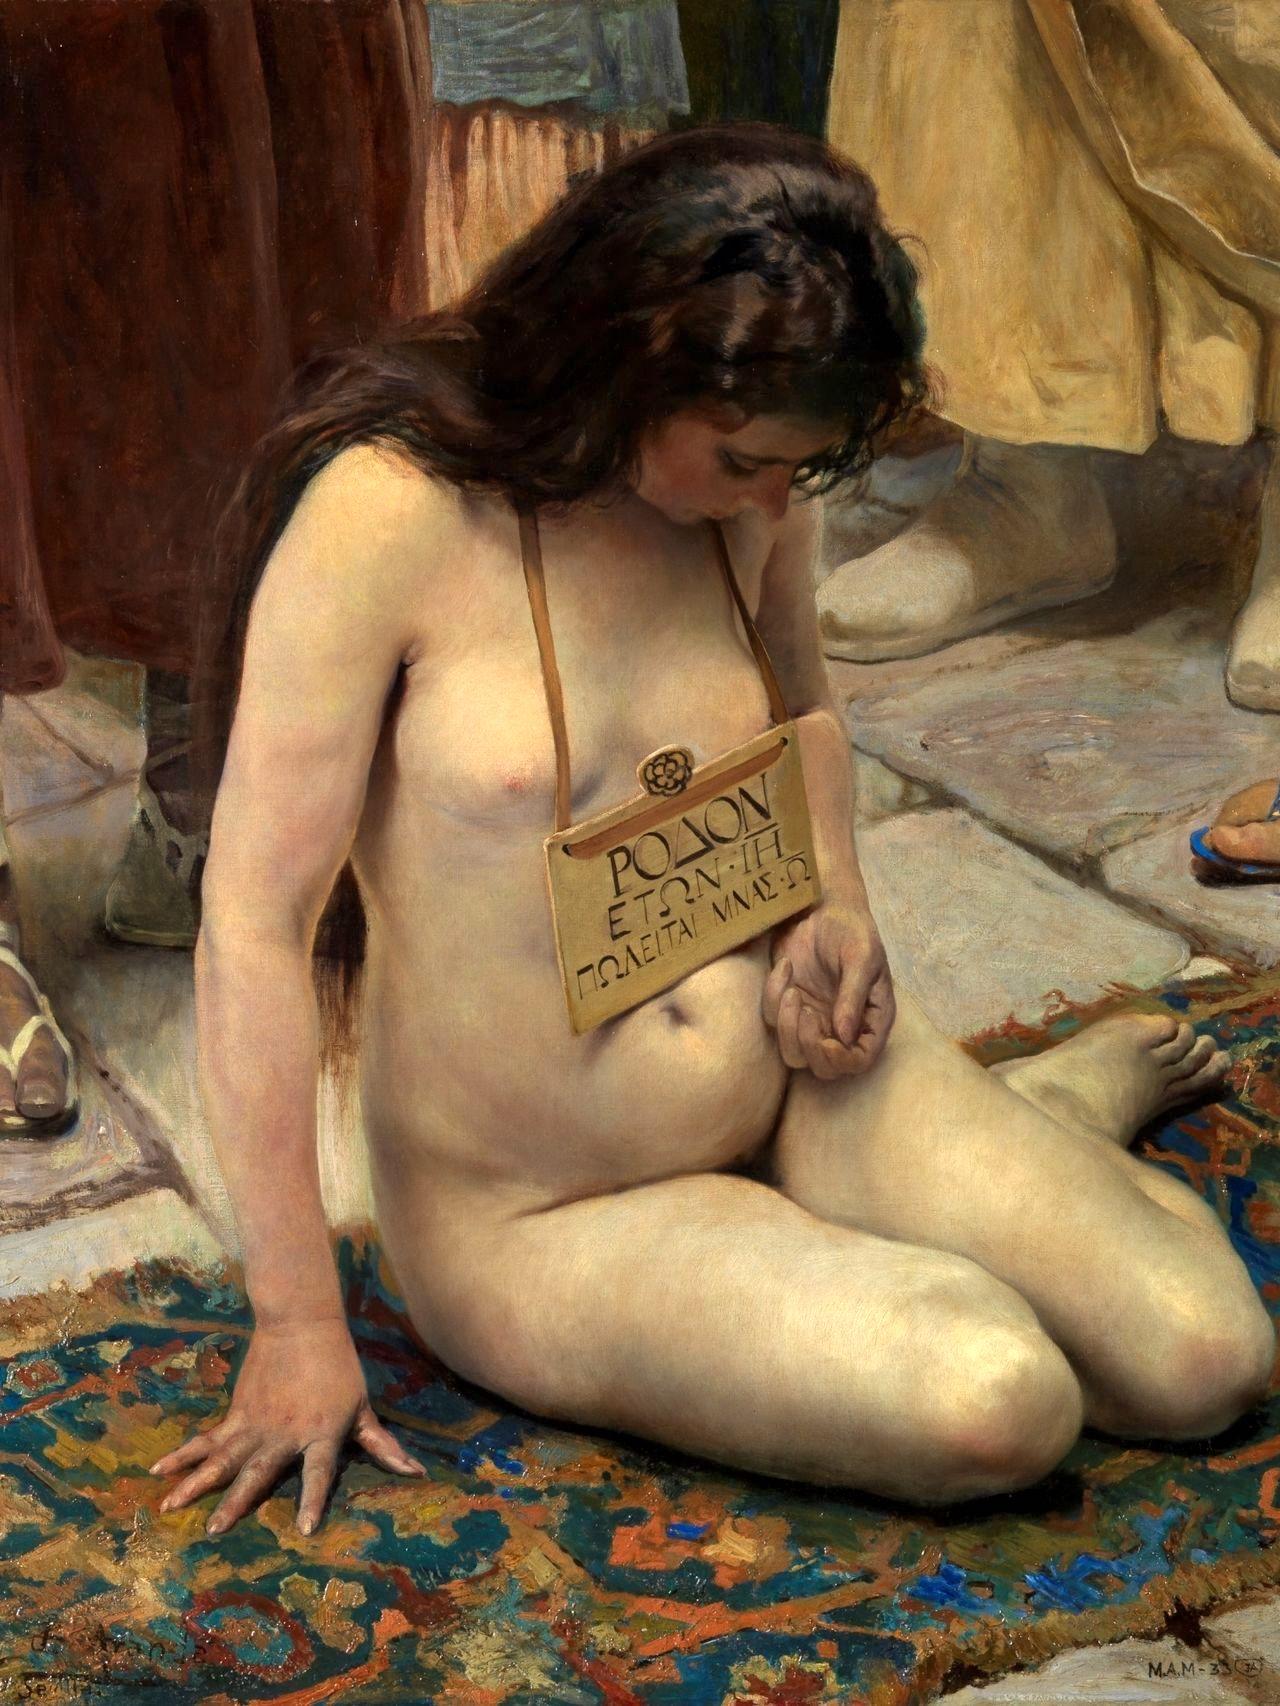 Una esclava en venta de José Jiménez Aranda. 1897